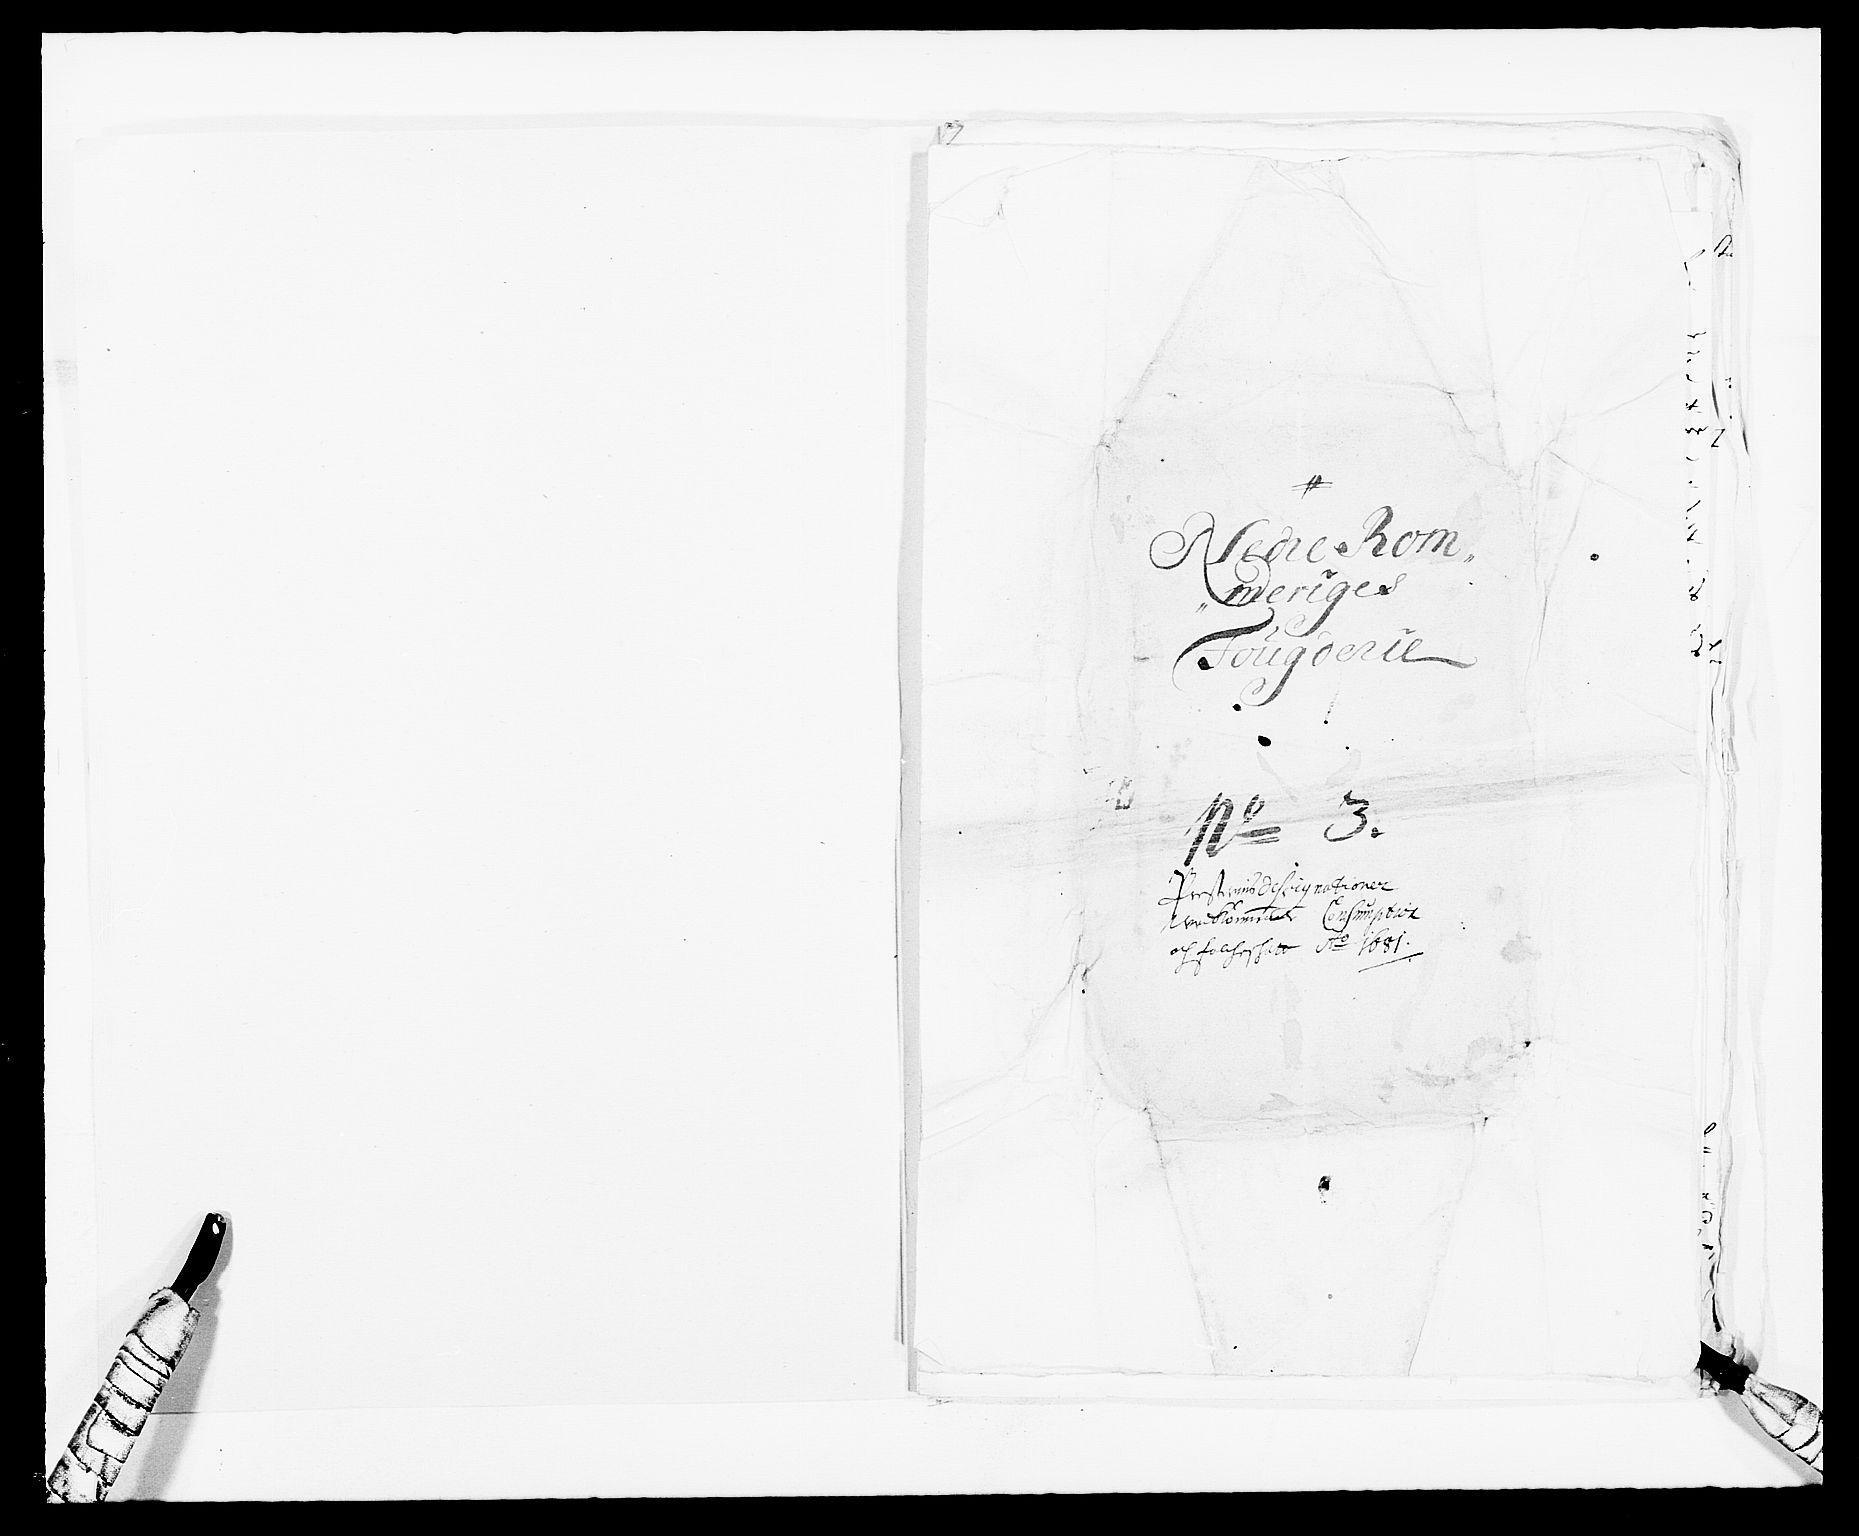 RA, Rentekammeret inntil 1814, Reviderte regnskaper, Fogderegnskap, R11/L0569: Fogderegnskap Nedre Romerike, 1680-1681, s. 250